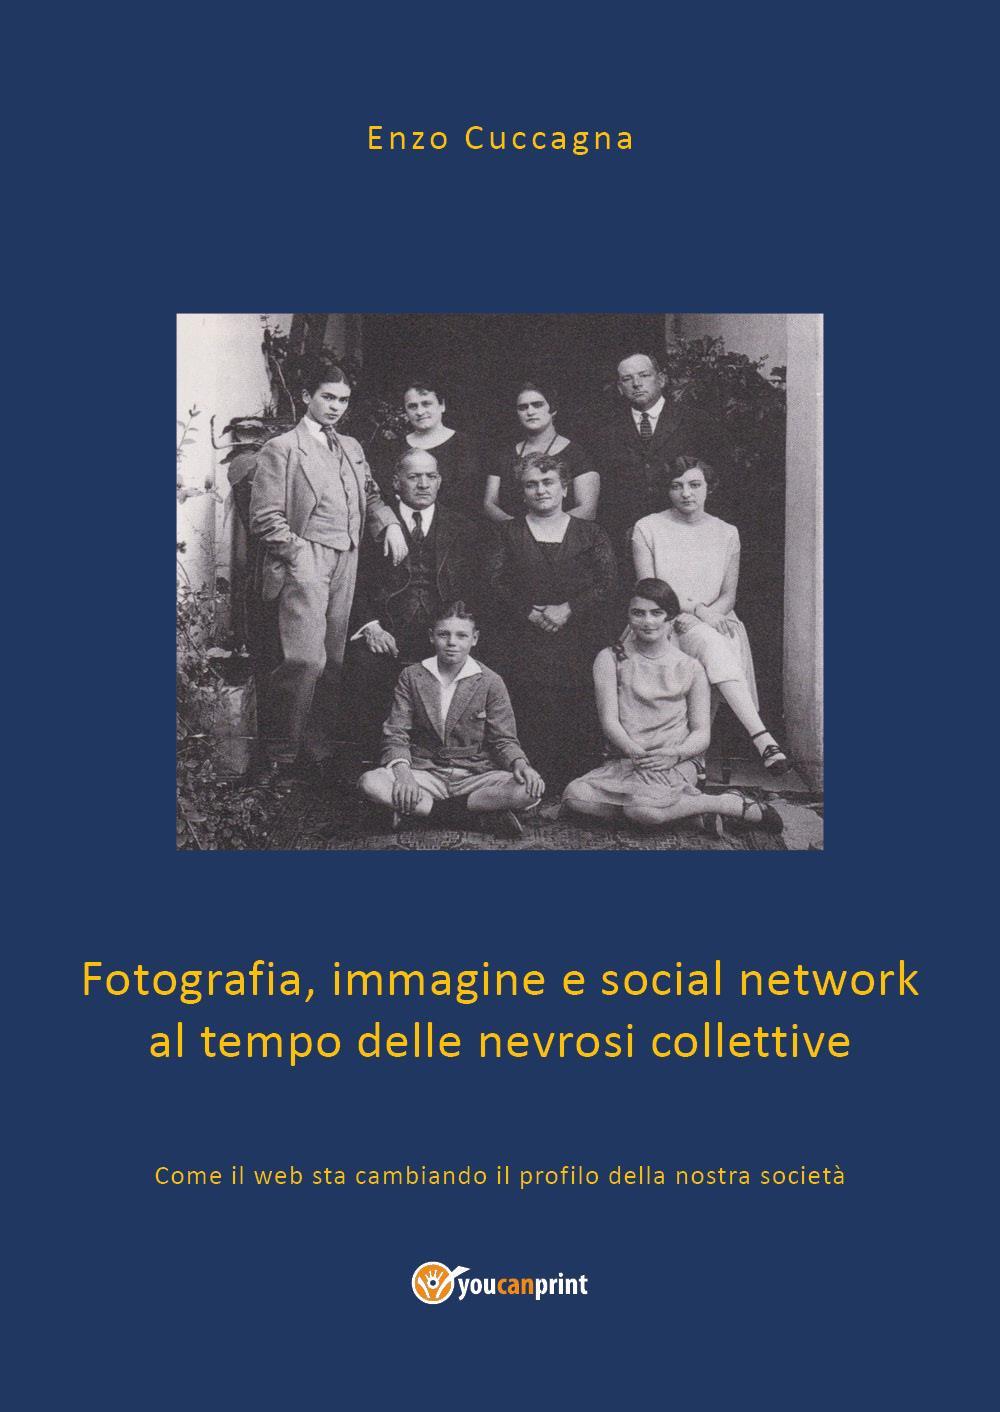 Fotografia, immagine e social network al tempo delle nevrosi collettive